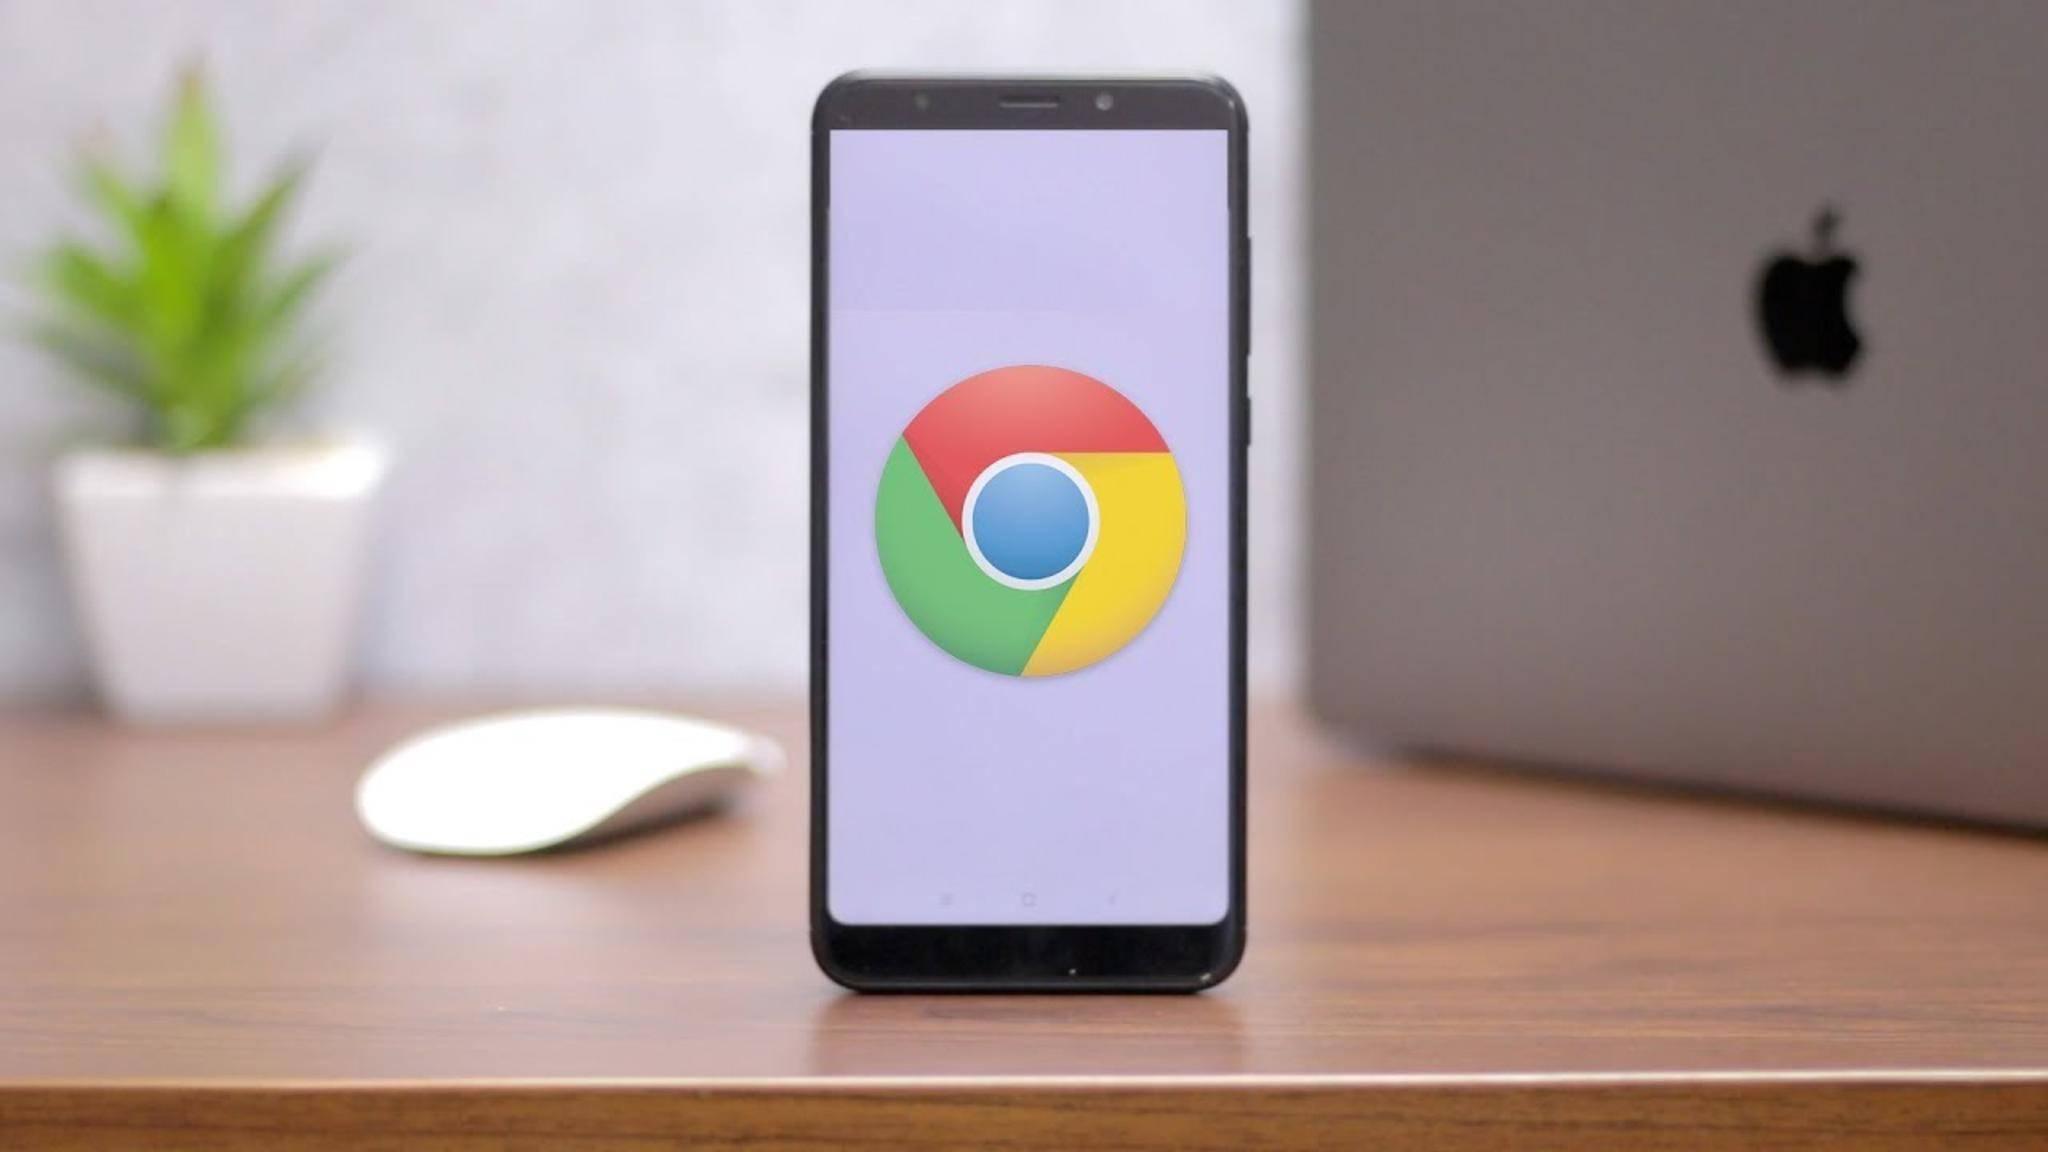 Google wird zukünftig auf Android-Smartphones darauf hinweisen, dass es mehr Browser und Suchmaschinen als nur Chrome und Google Search gibt.